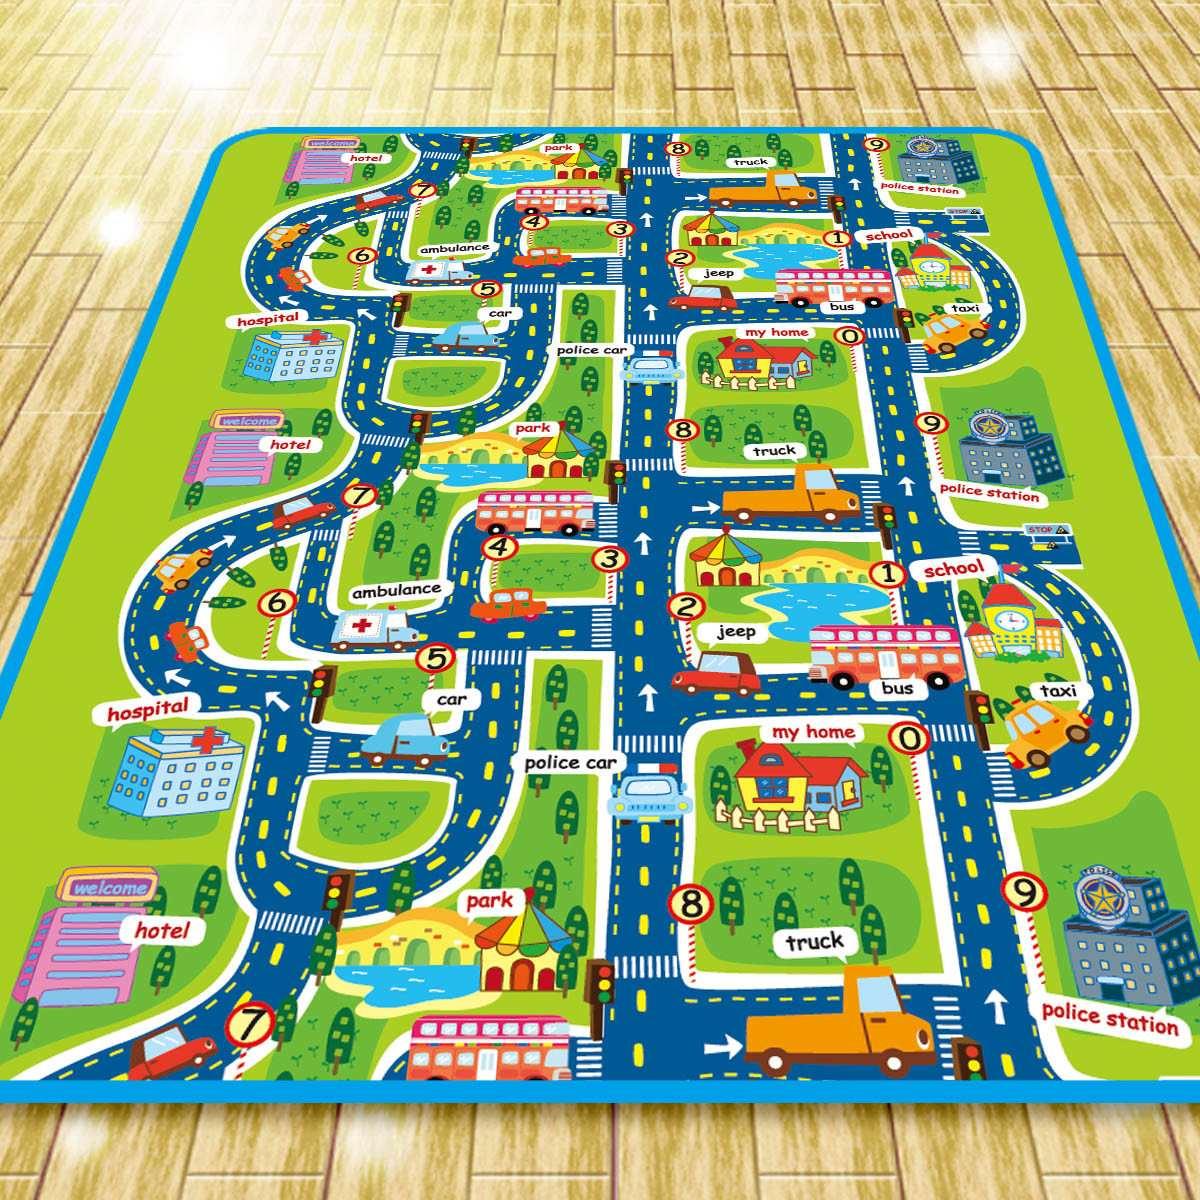 Bébé enfants tapis de jeu jouer ramper tapis tapis couverture enfants jouet trafic ville bambin infantile tapis de jeu 160x130 cm 200x160 cm